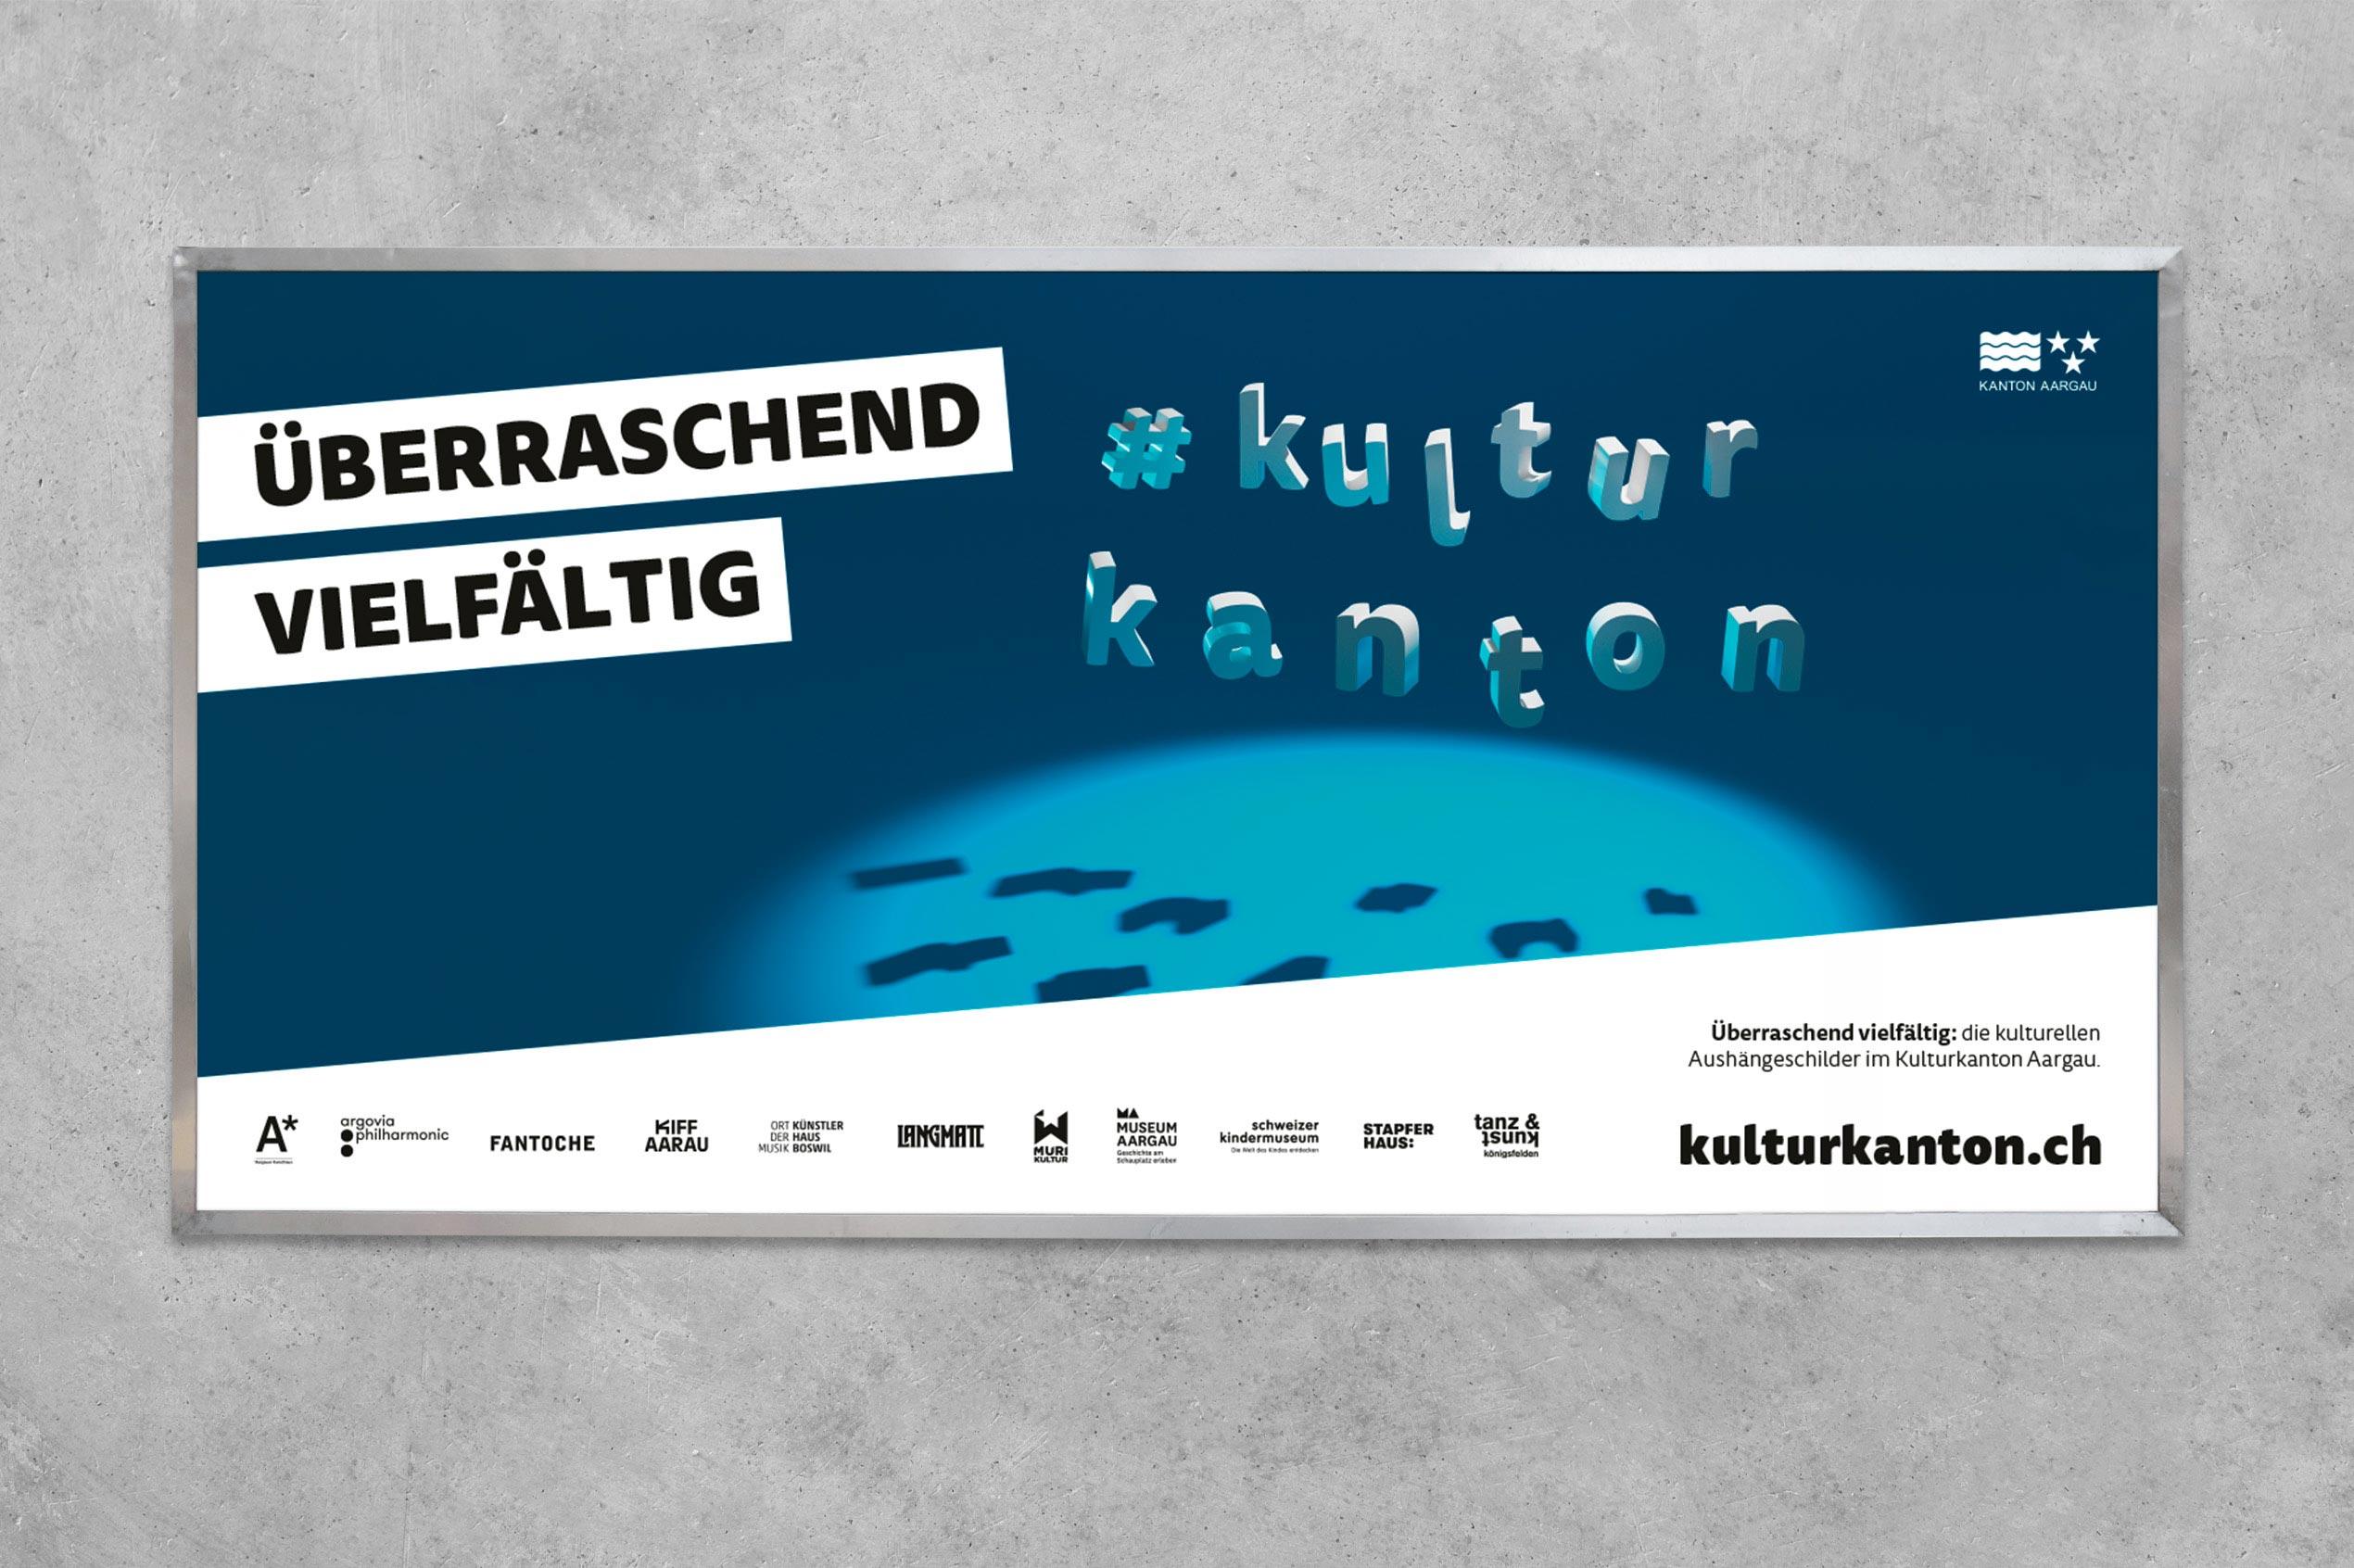 Kulturkanton, Plakat F12, Overall-Sujet